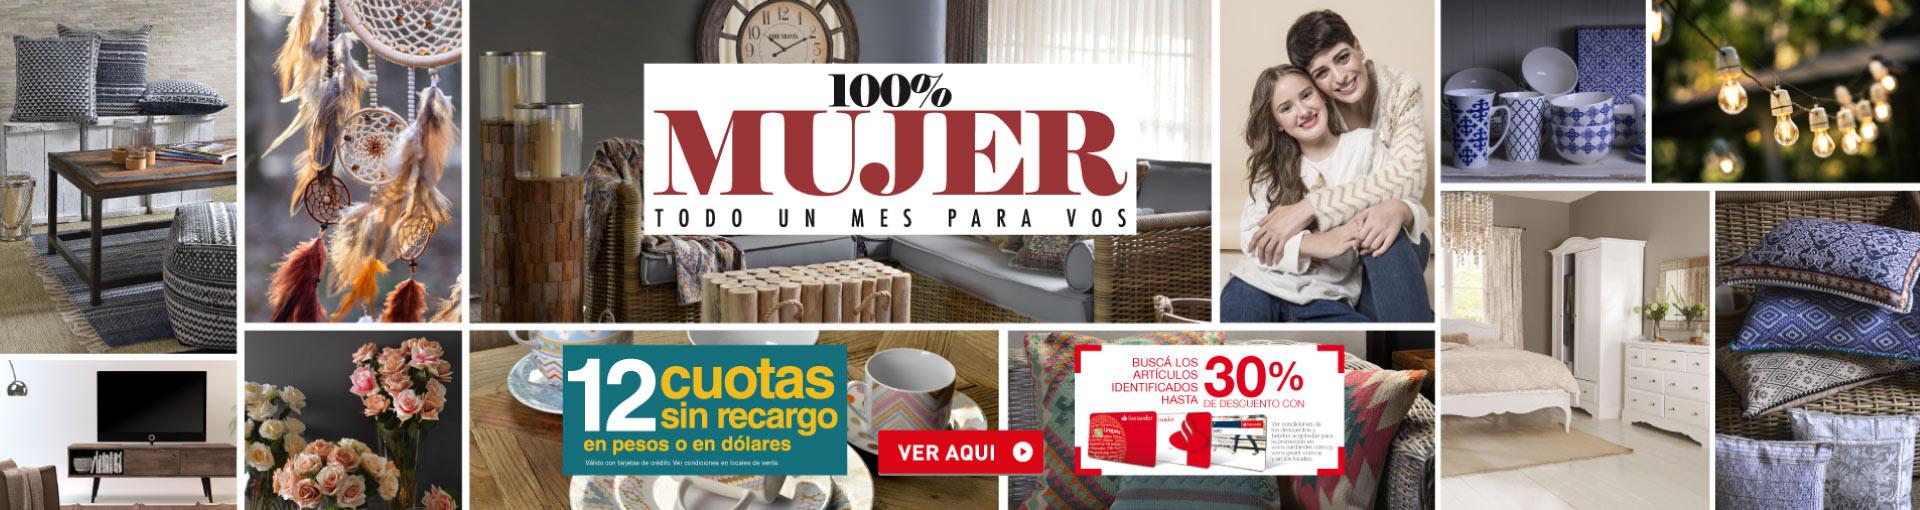 h-100-porciento-mujer-26-04-al-28-05